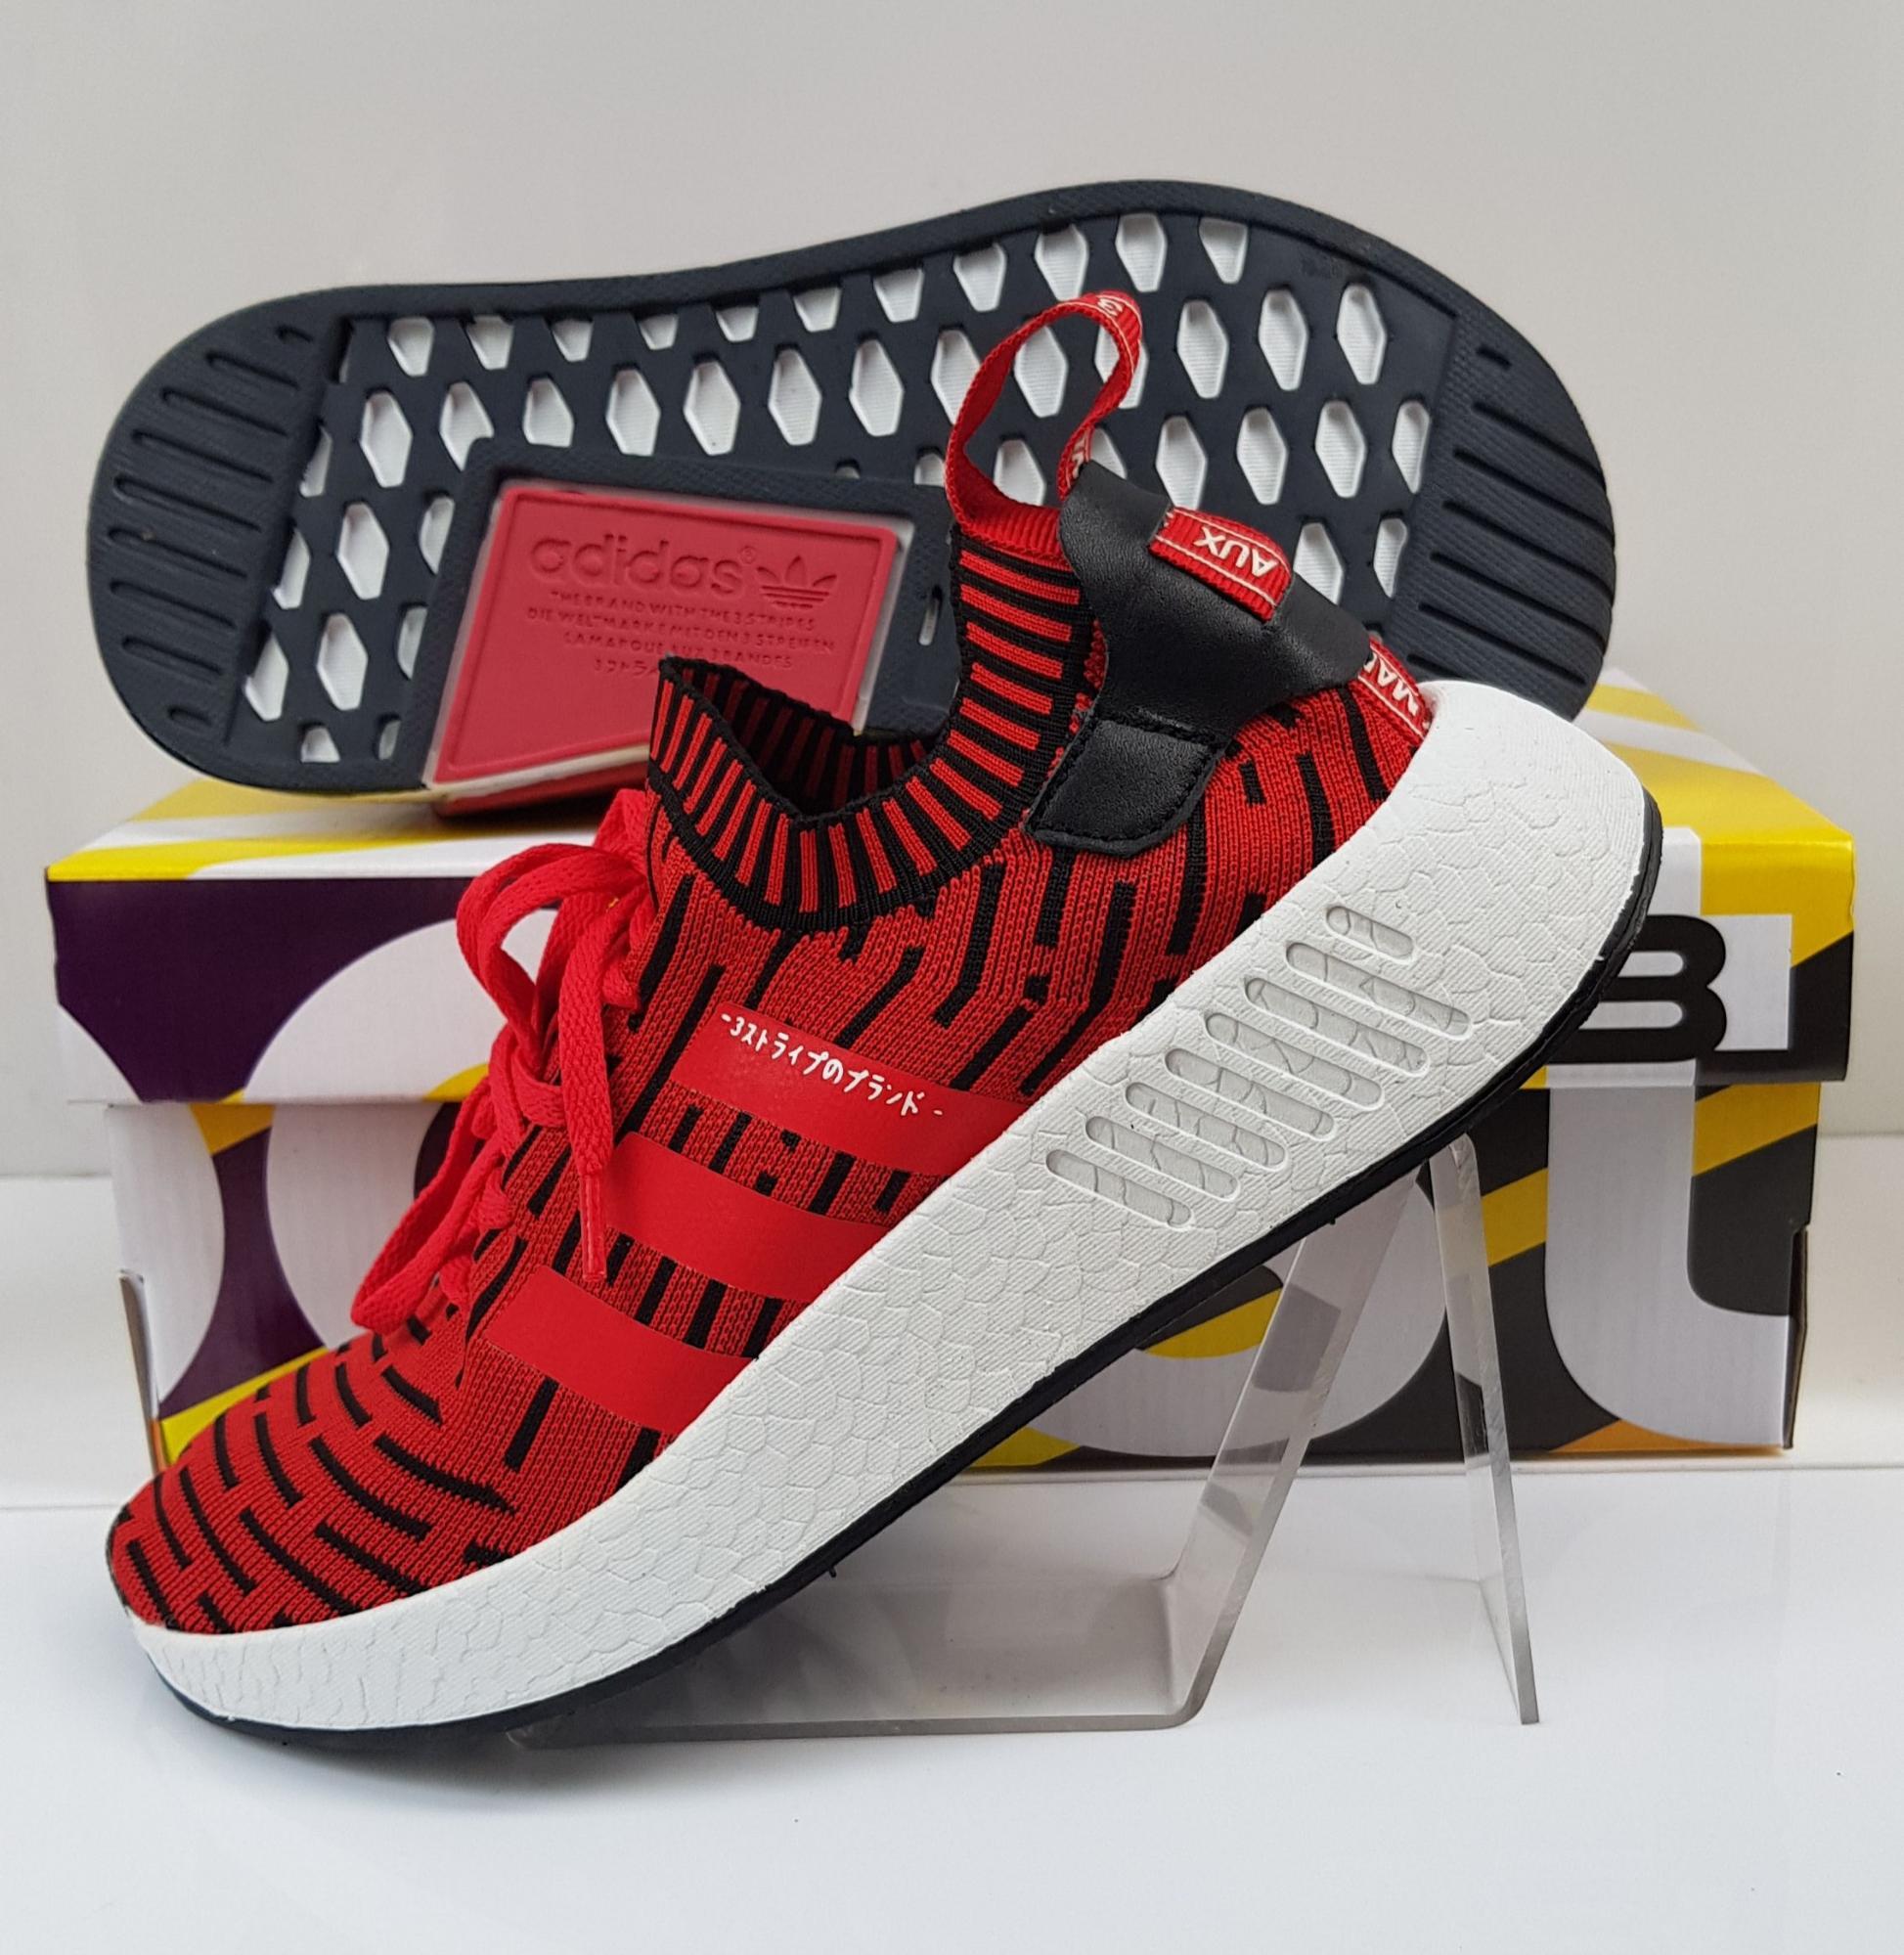 best service 28a37 85d7a Sepatu adidas nmd r2 primeknit